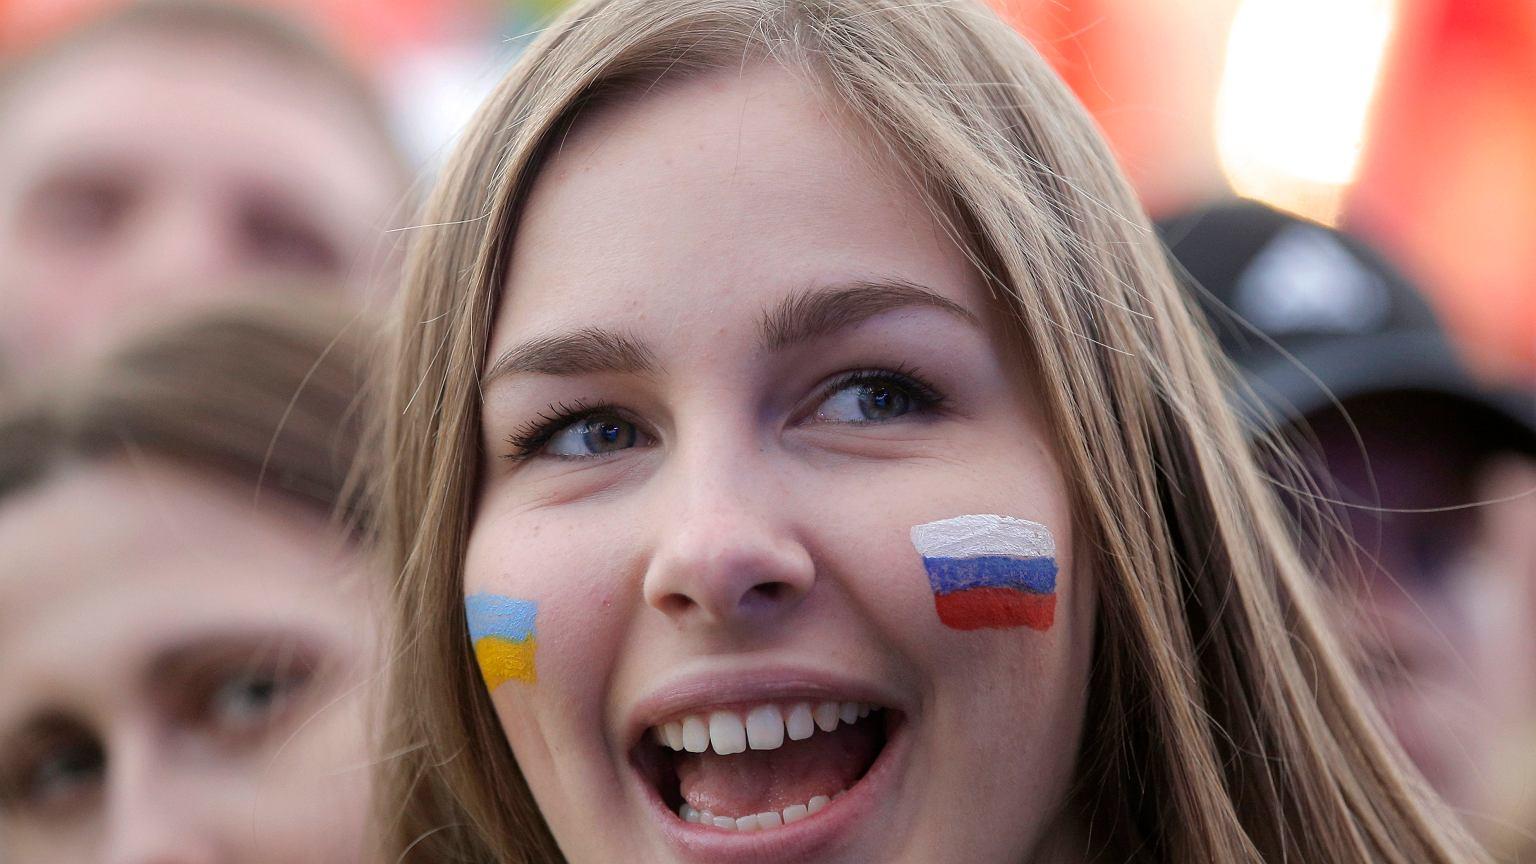 Главными ожиданиями украинцев от Зеленского стали снятие неприкосновенности с нардепов и прямые